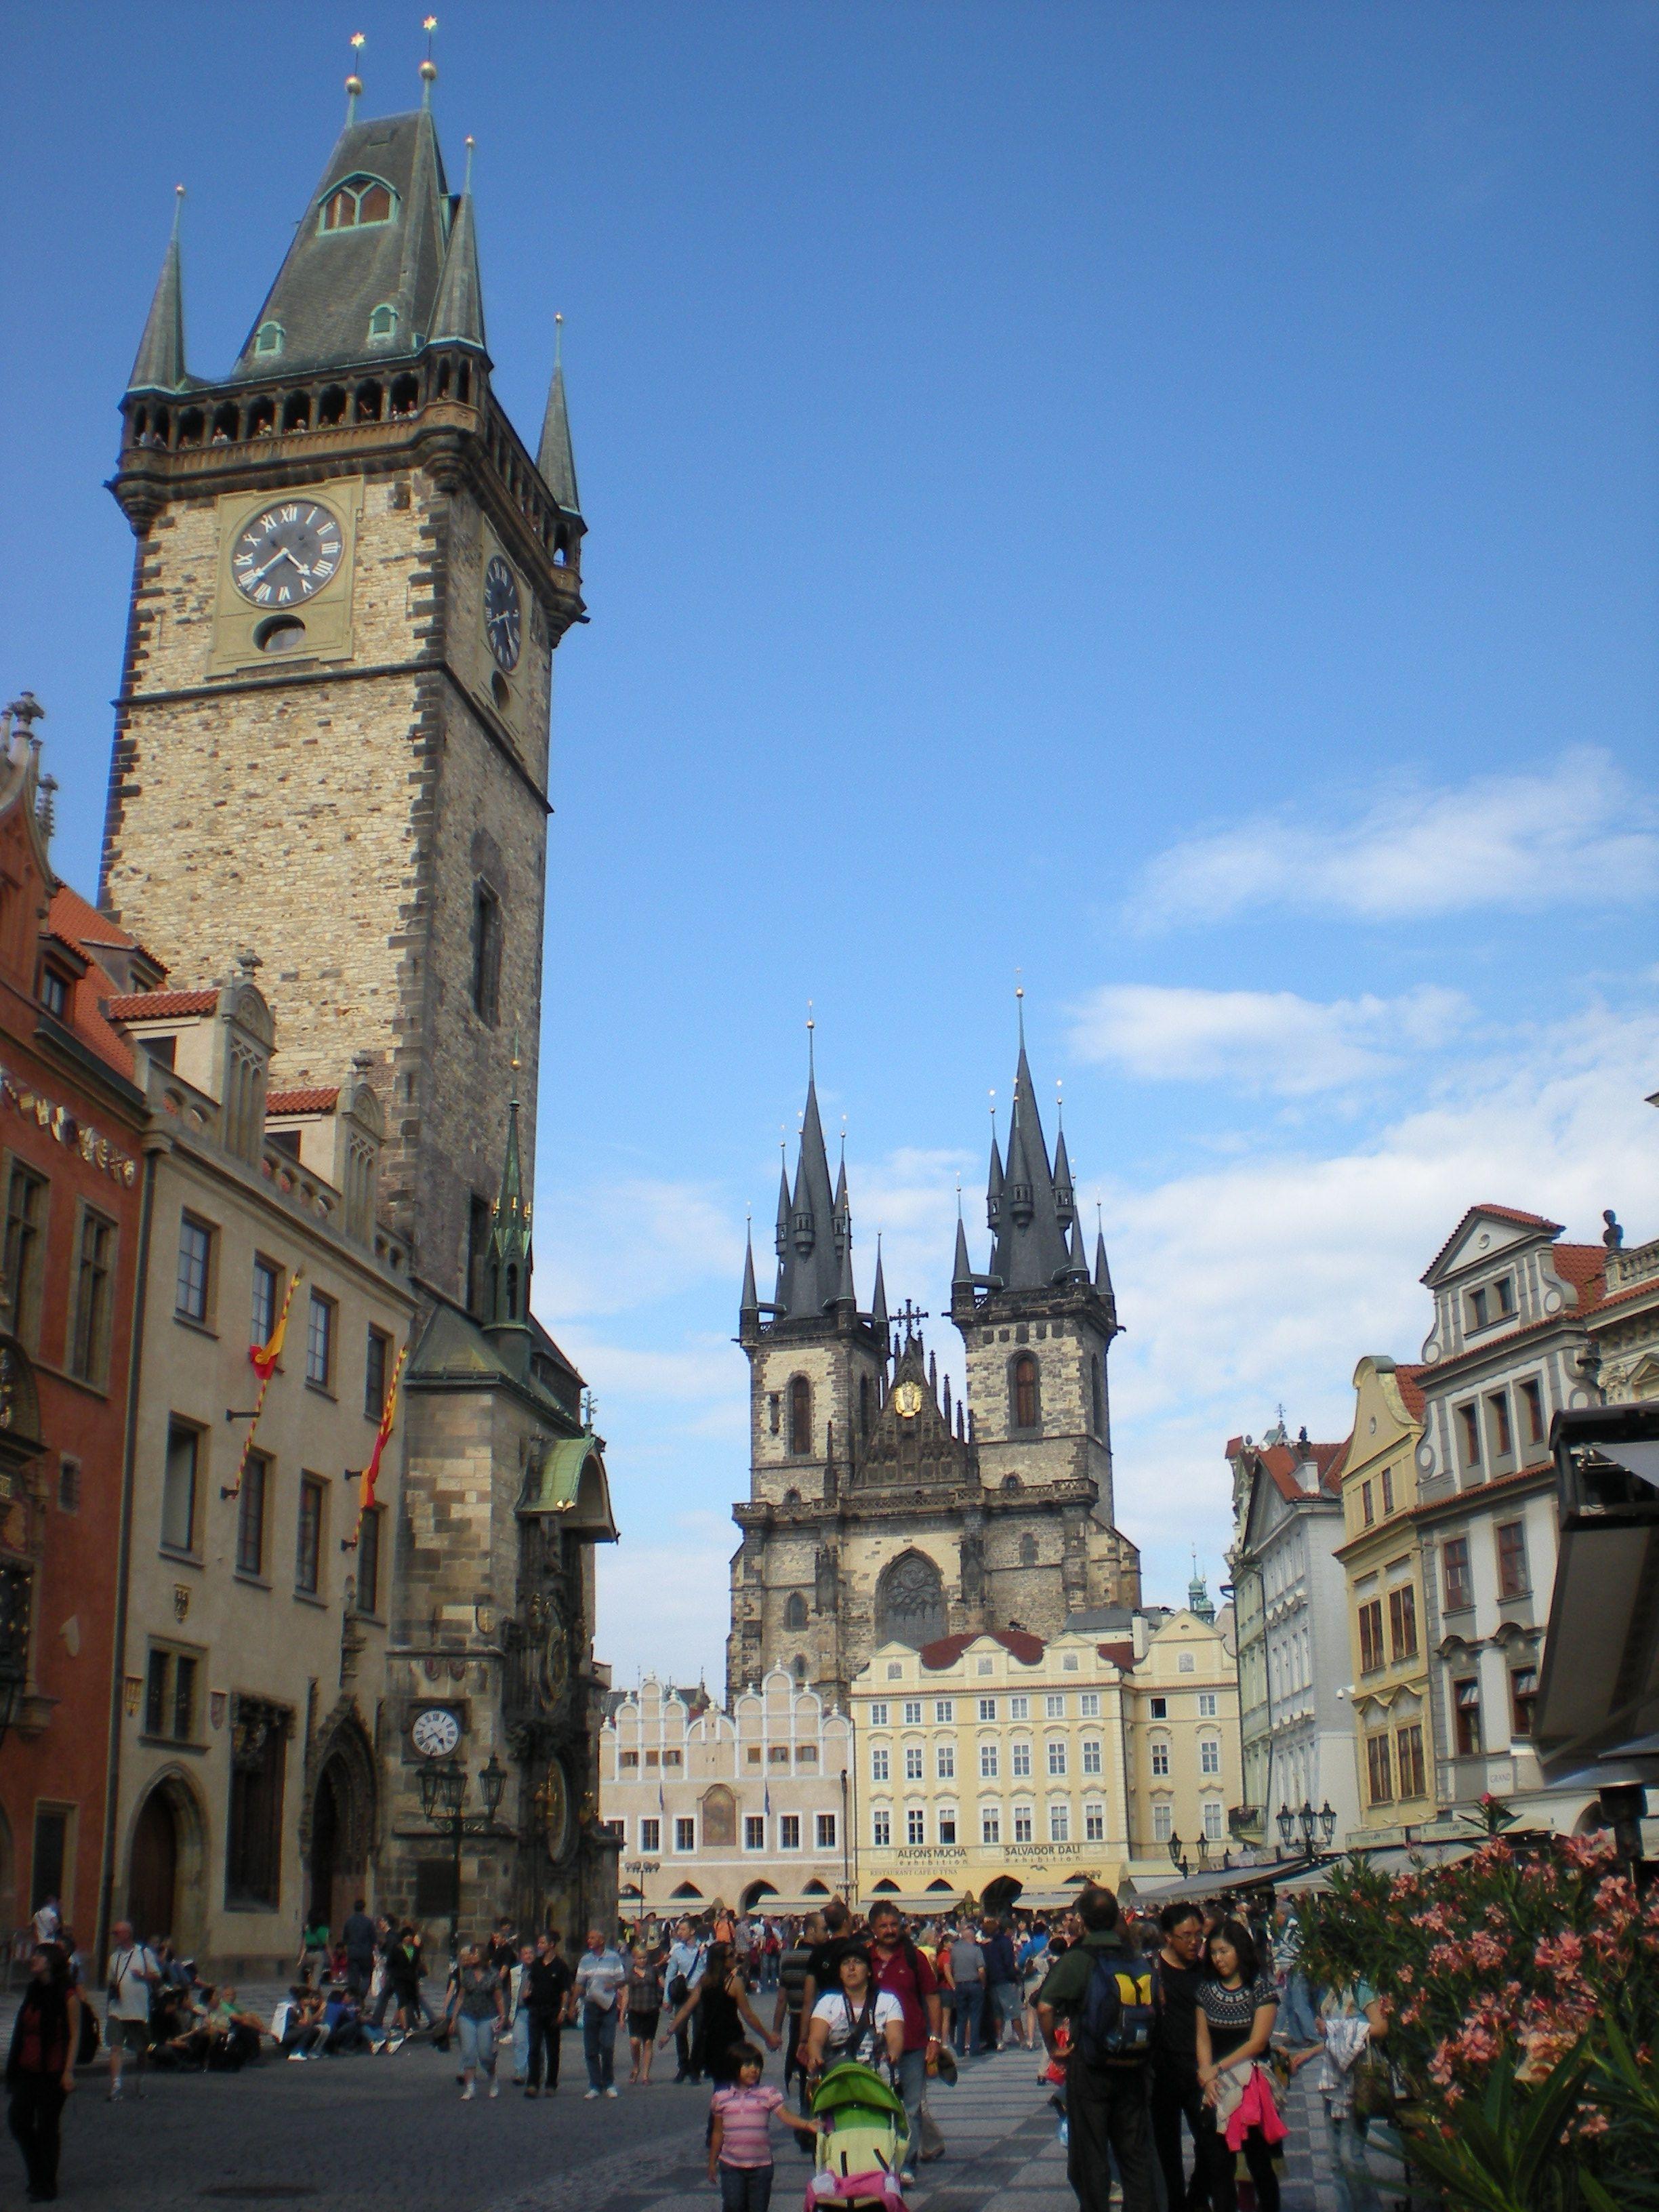 Praga Plaza De La Ciudad Vieja La Iglesia De Nuestra Senora Del